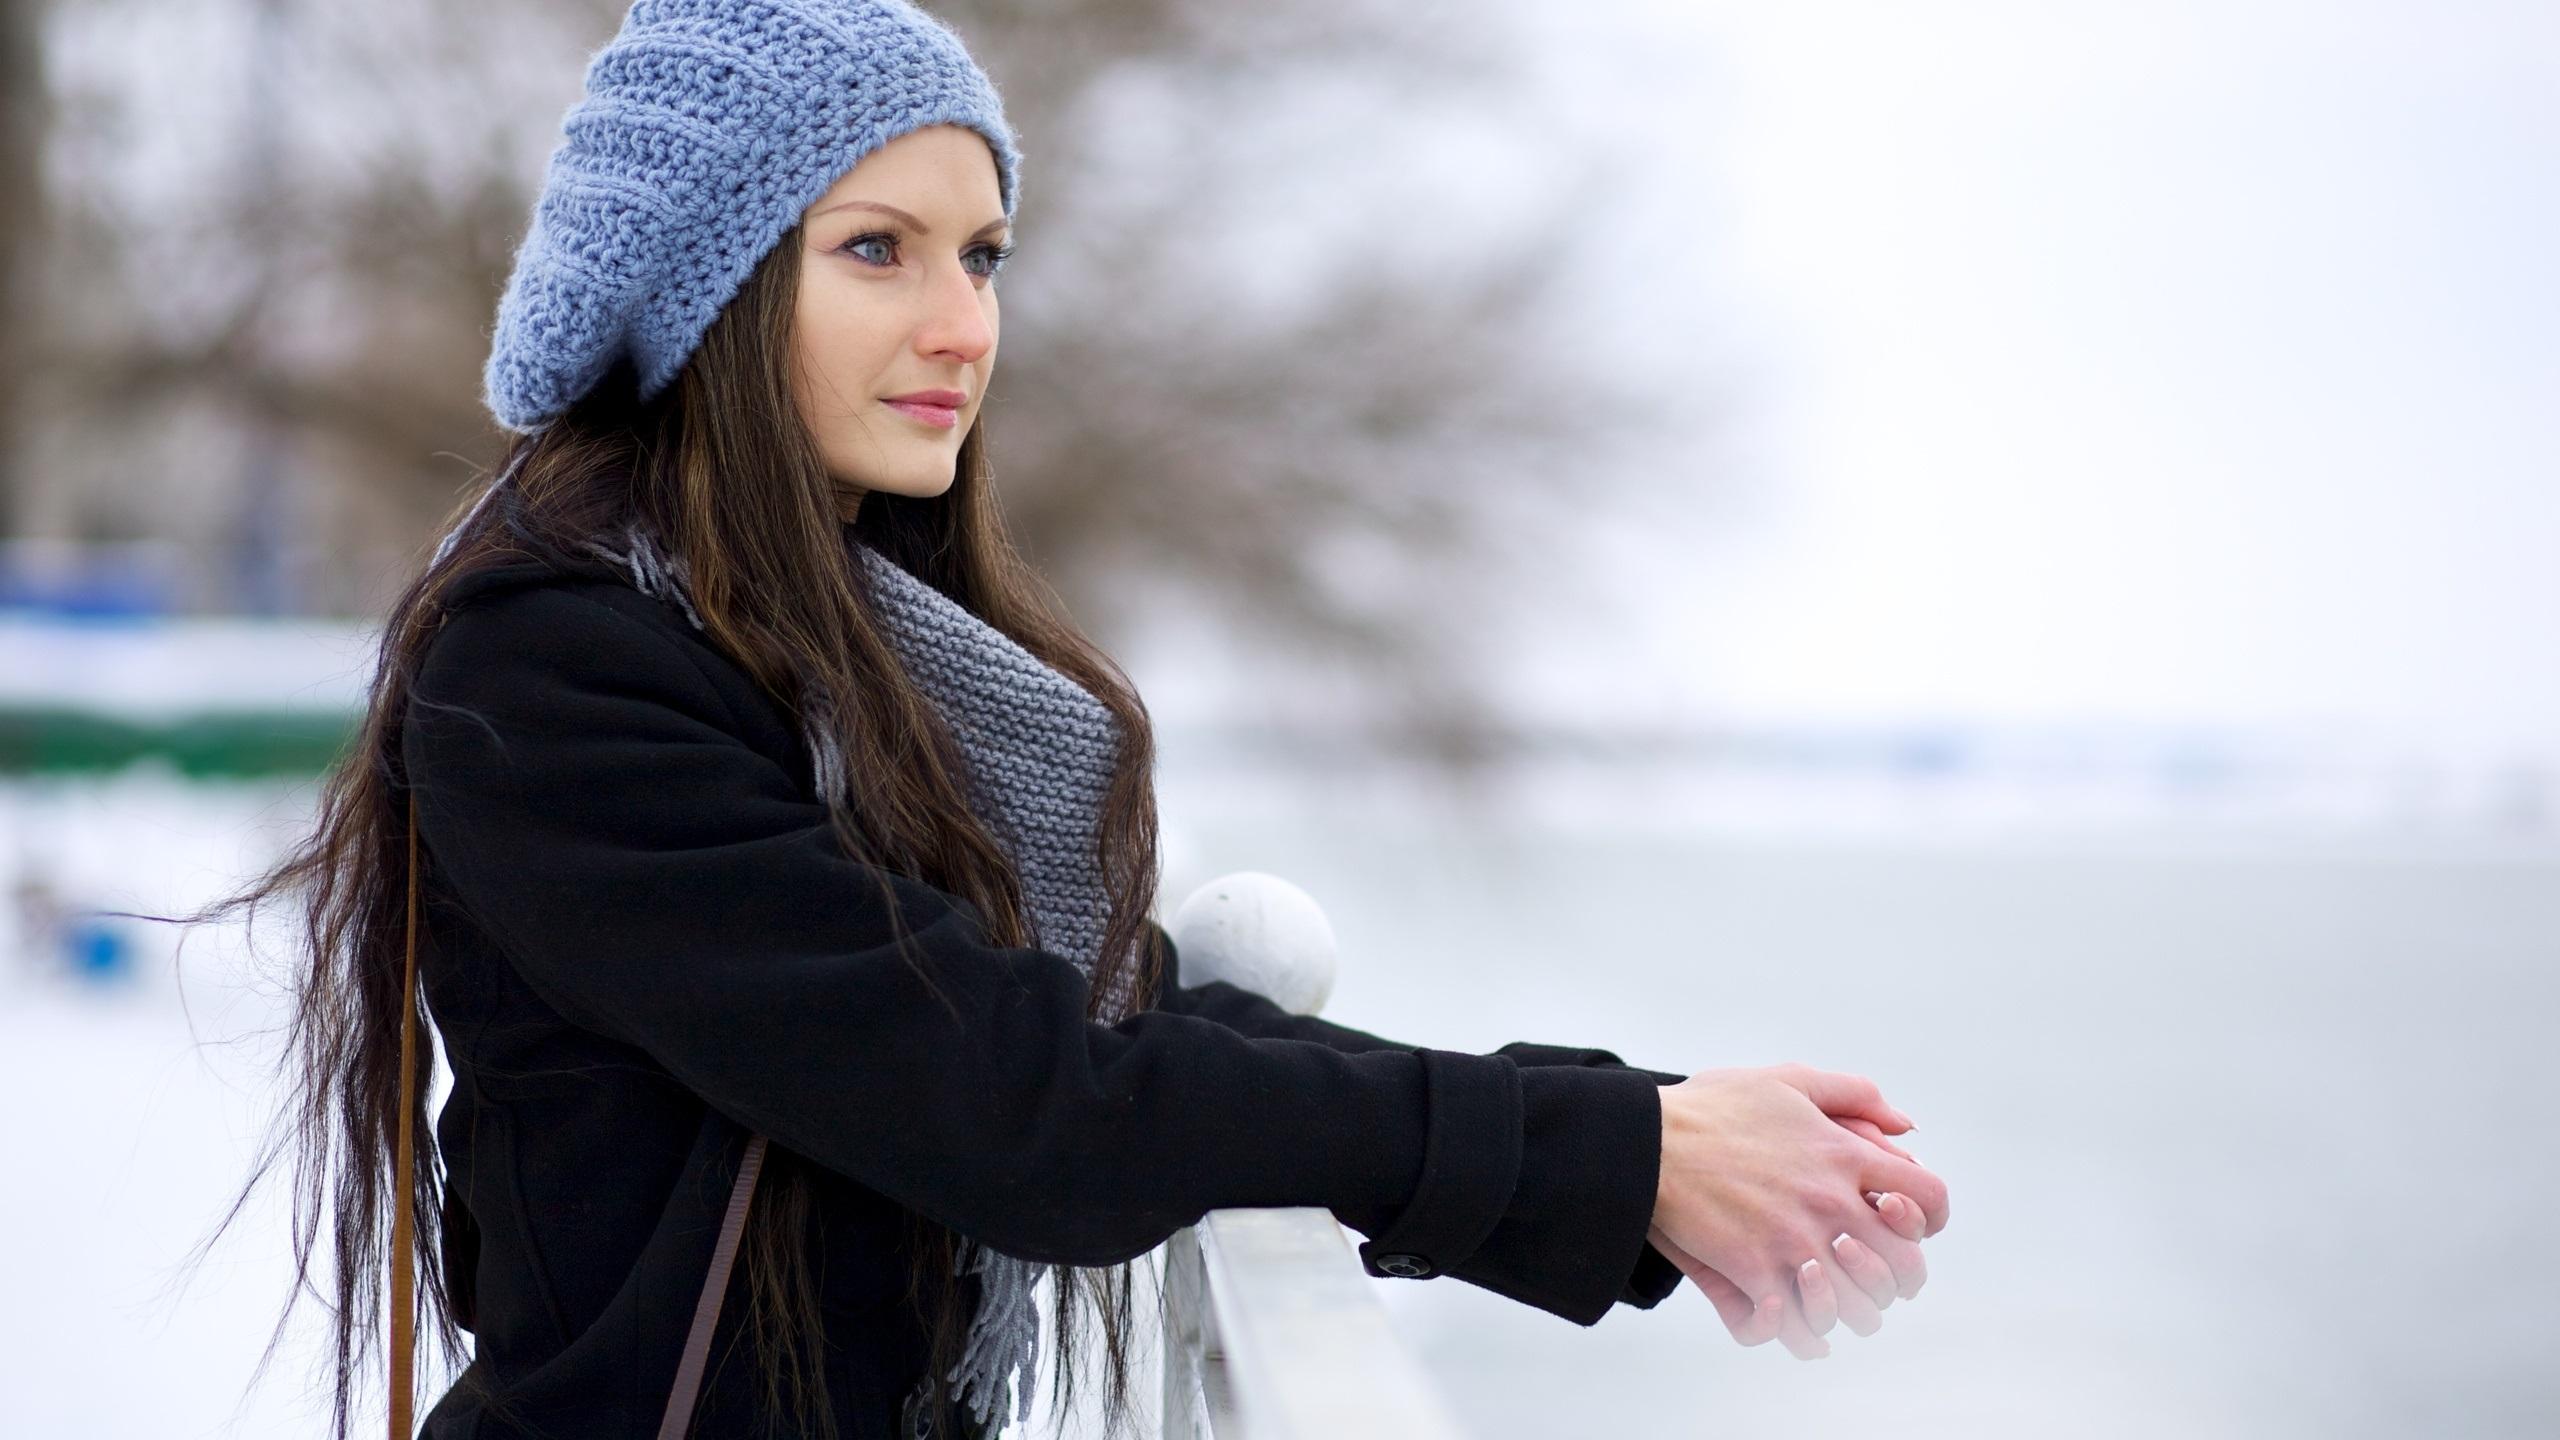 BEAUTIFUL WINTER WEAR HATS FOR GIRLS LADIES